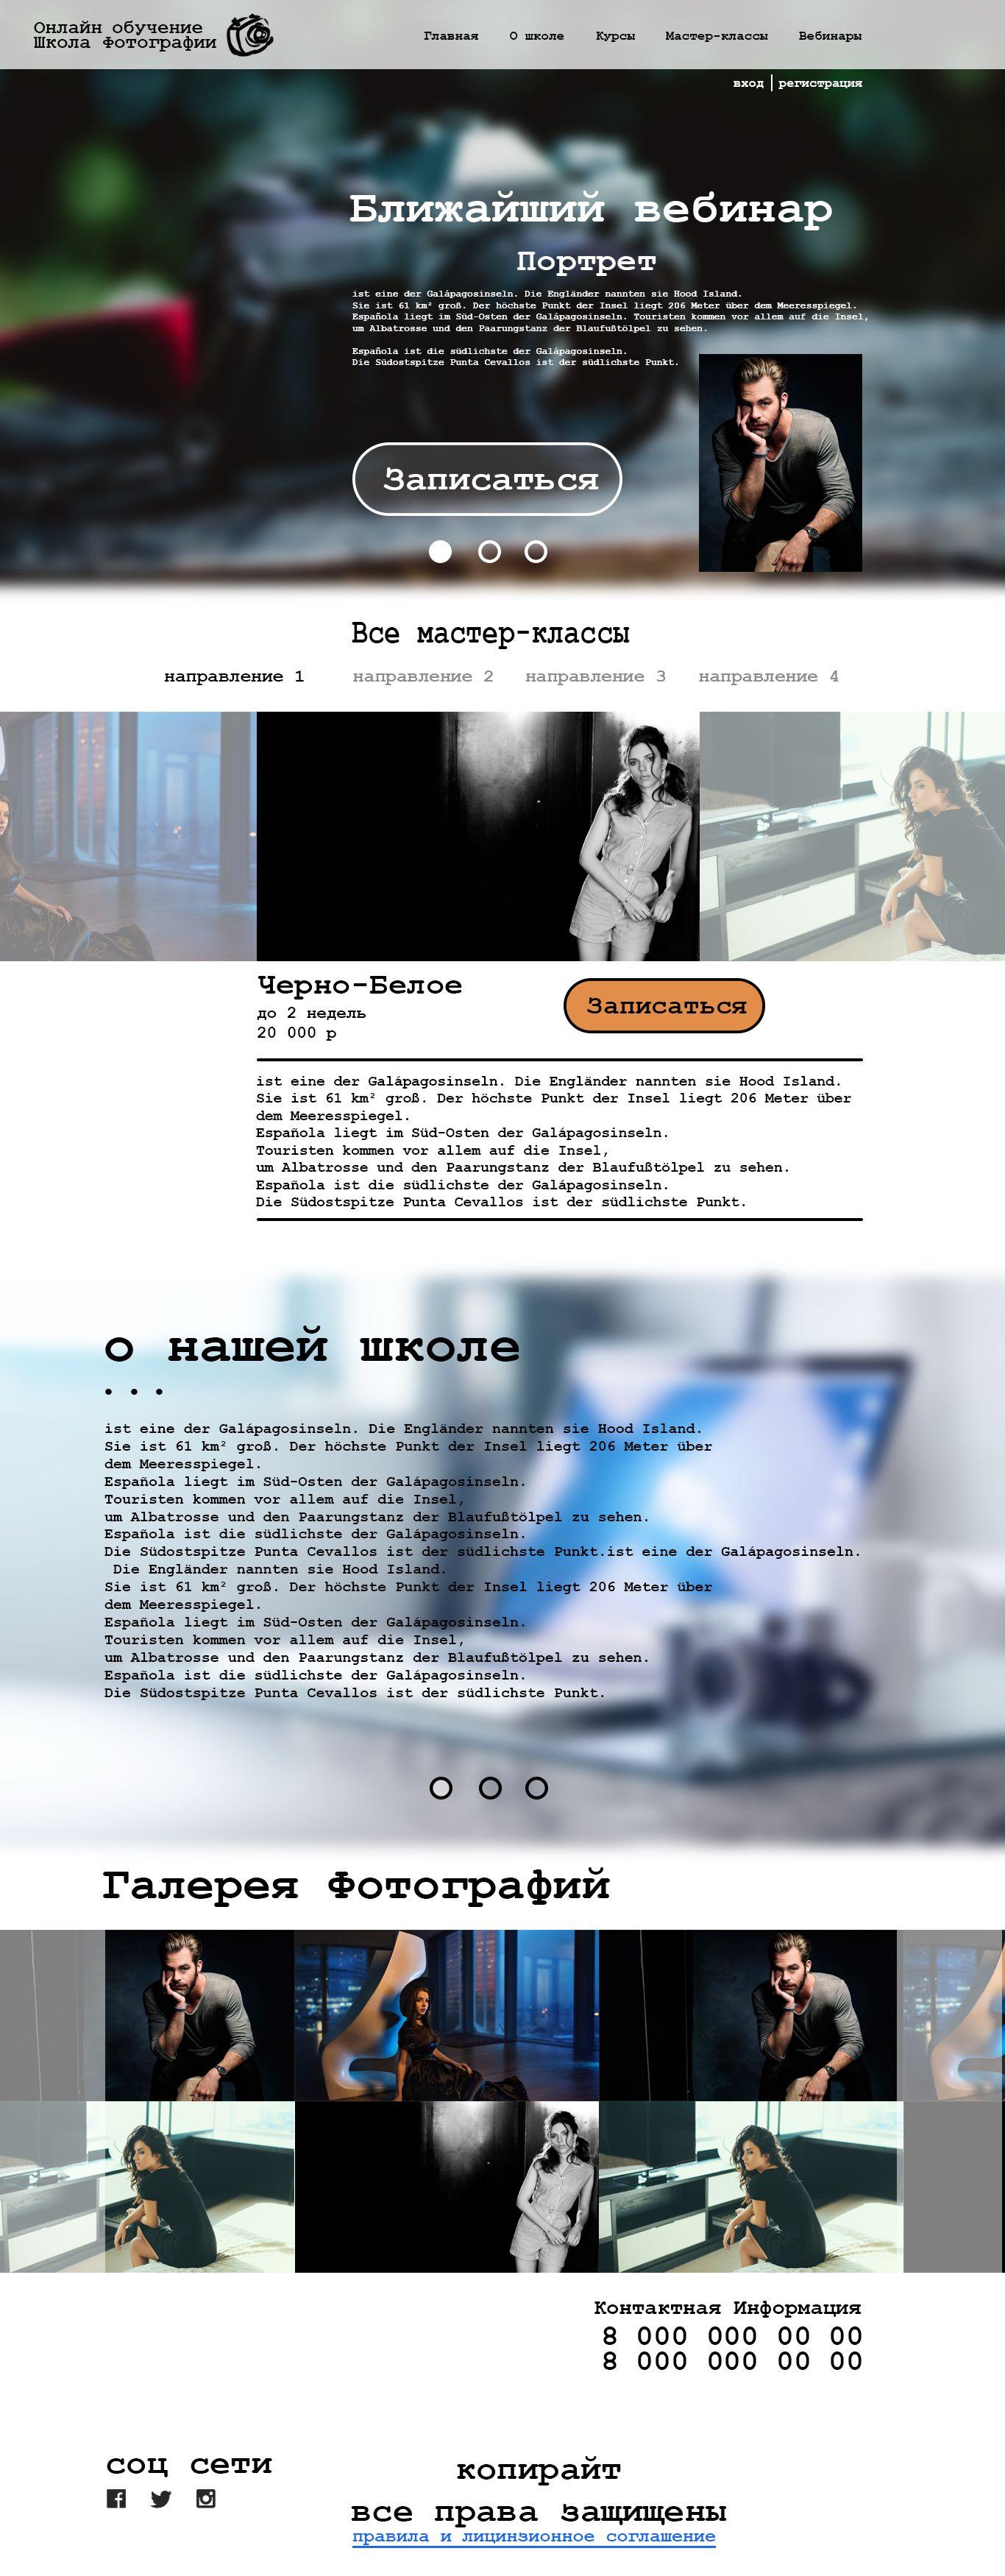 Онлайн обучение фотографии. Главная. - дизайнер APGK